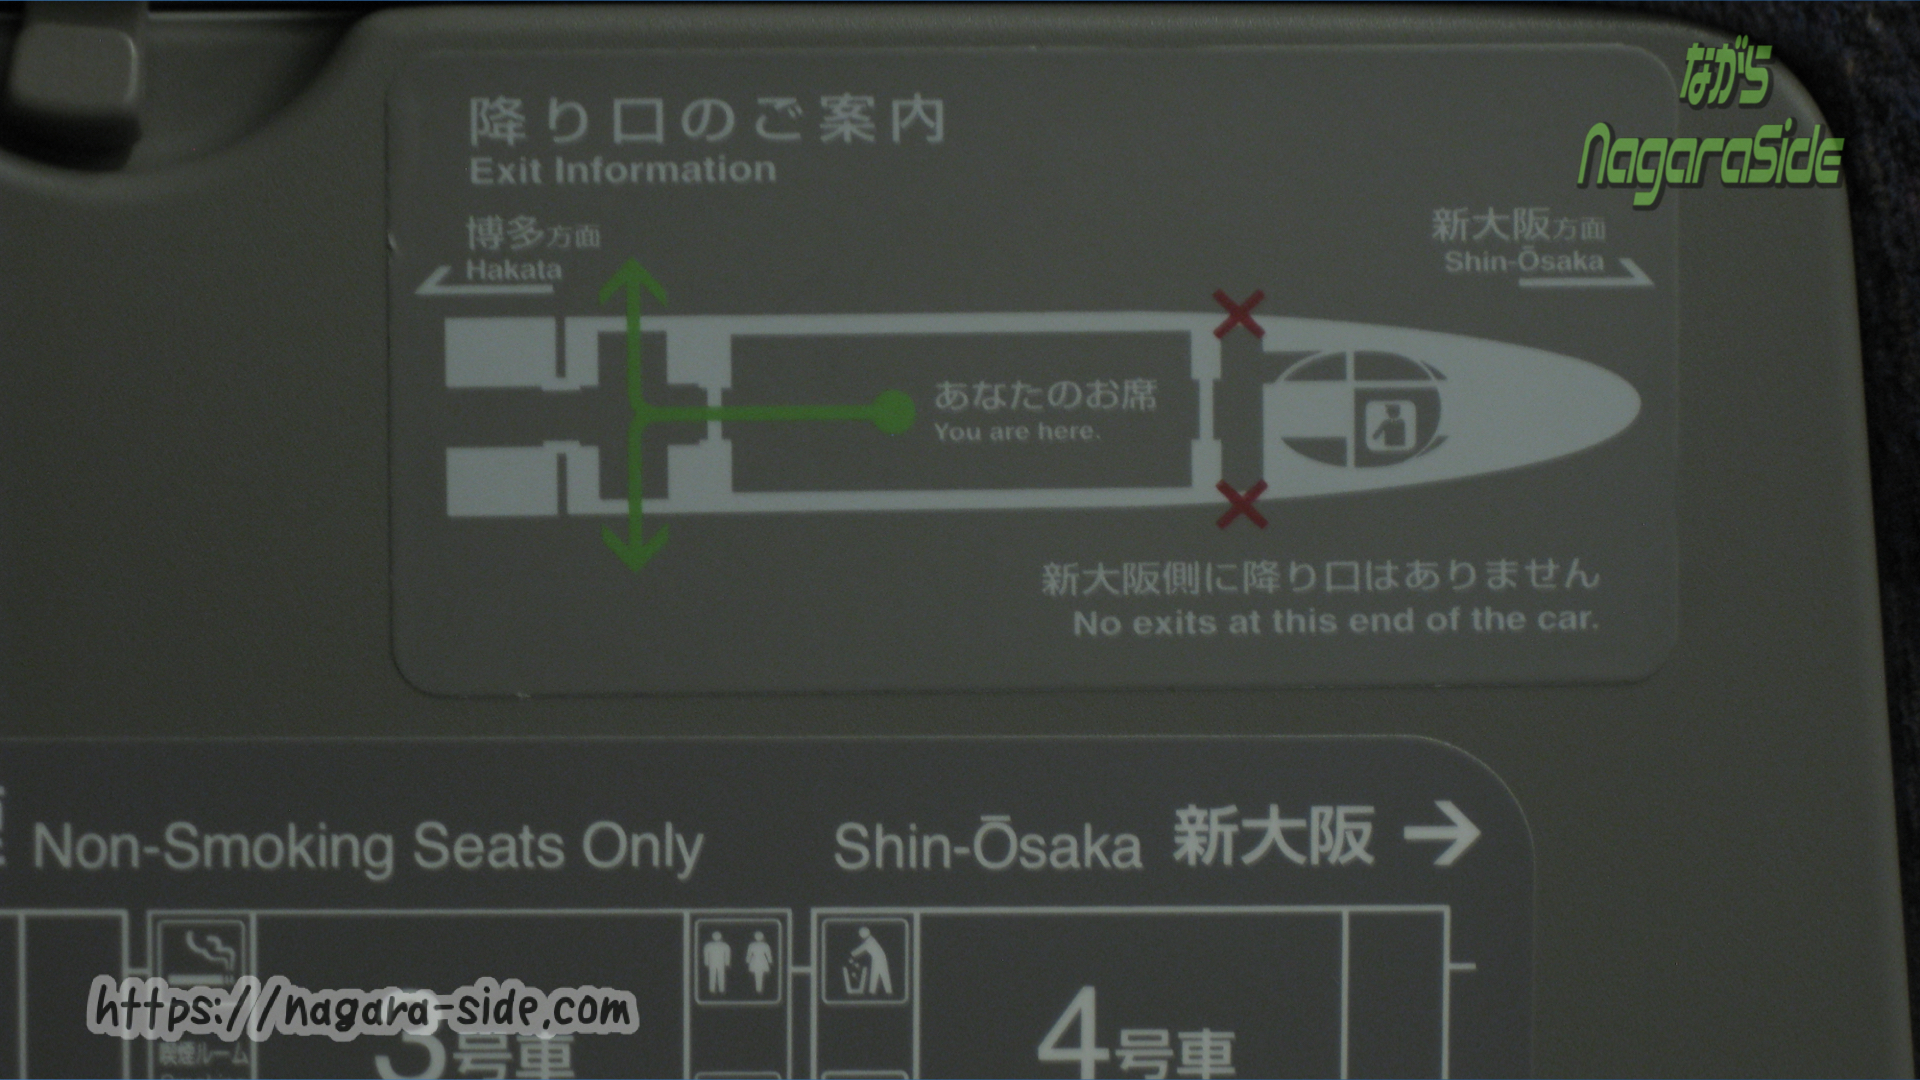 500系新幹線先頭車座席テーブルにある降り口案内